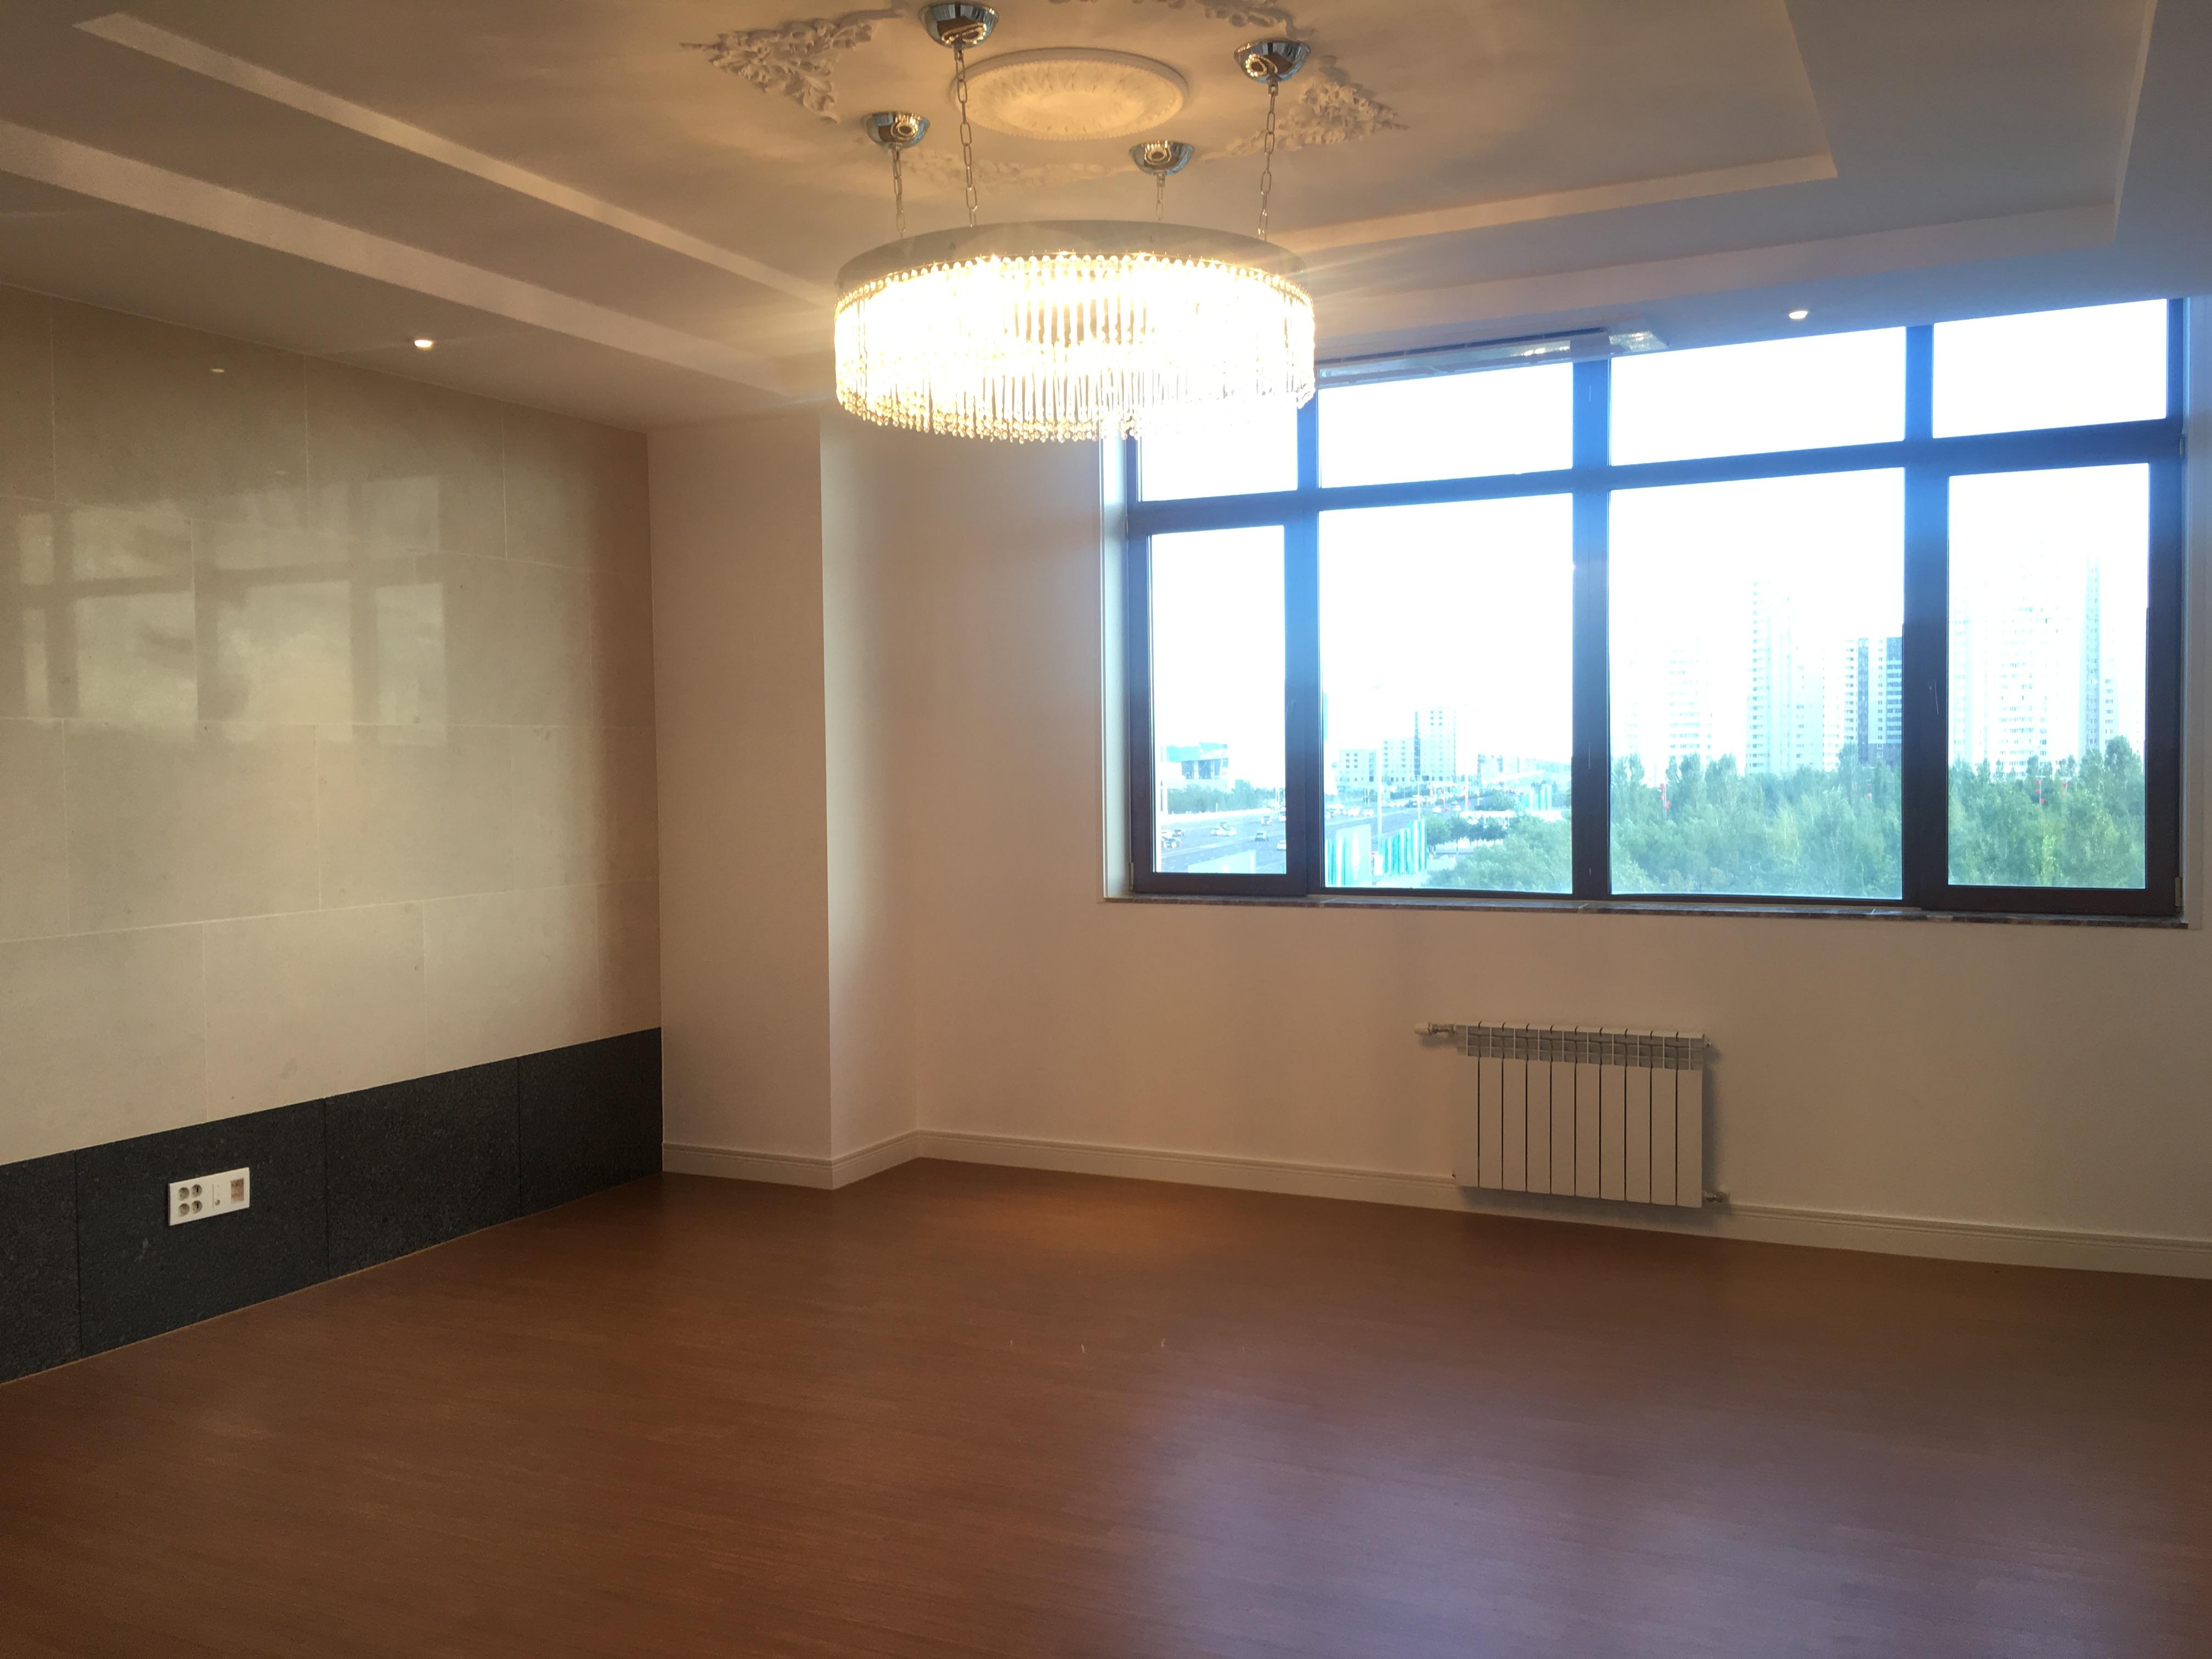 3-Bedroom Apartment In Highvill